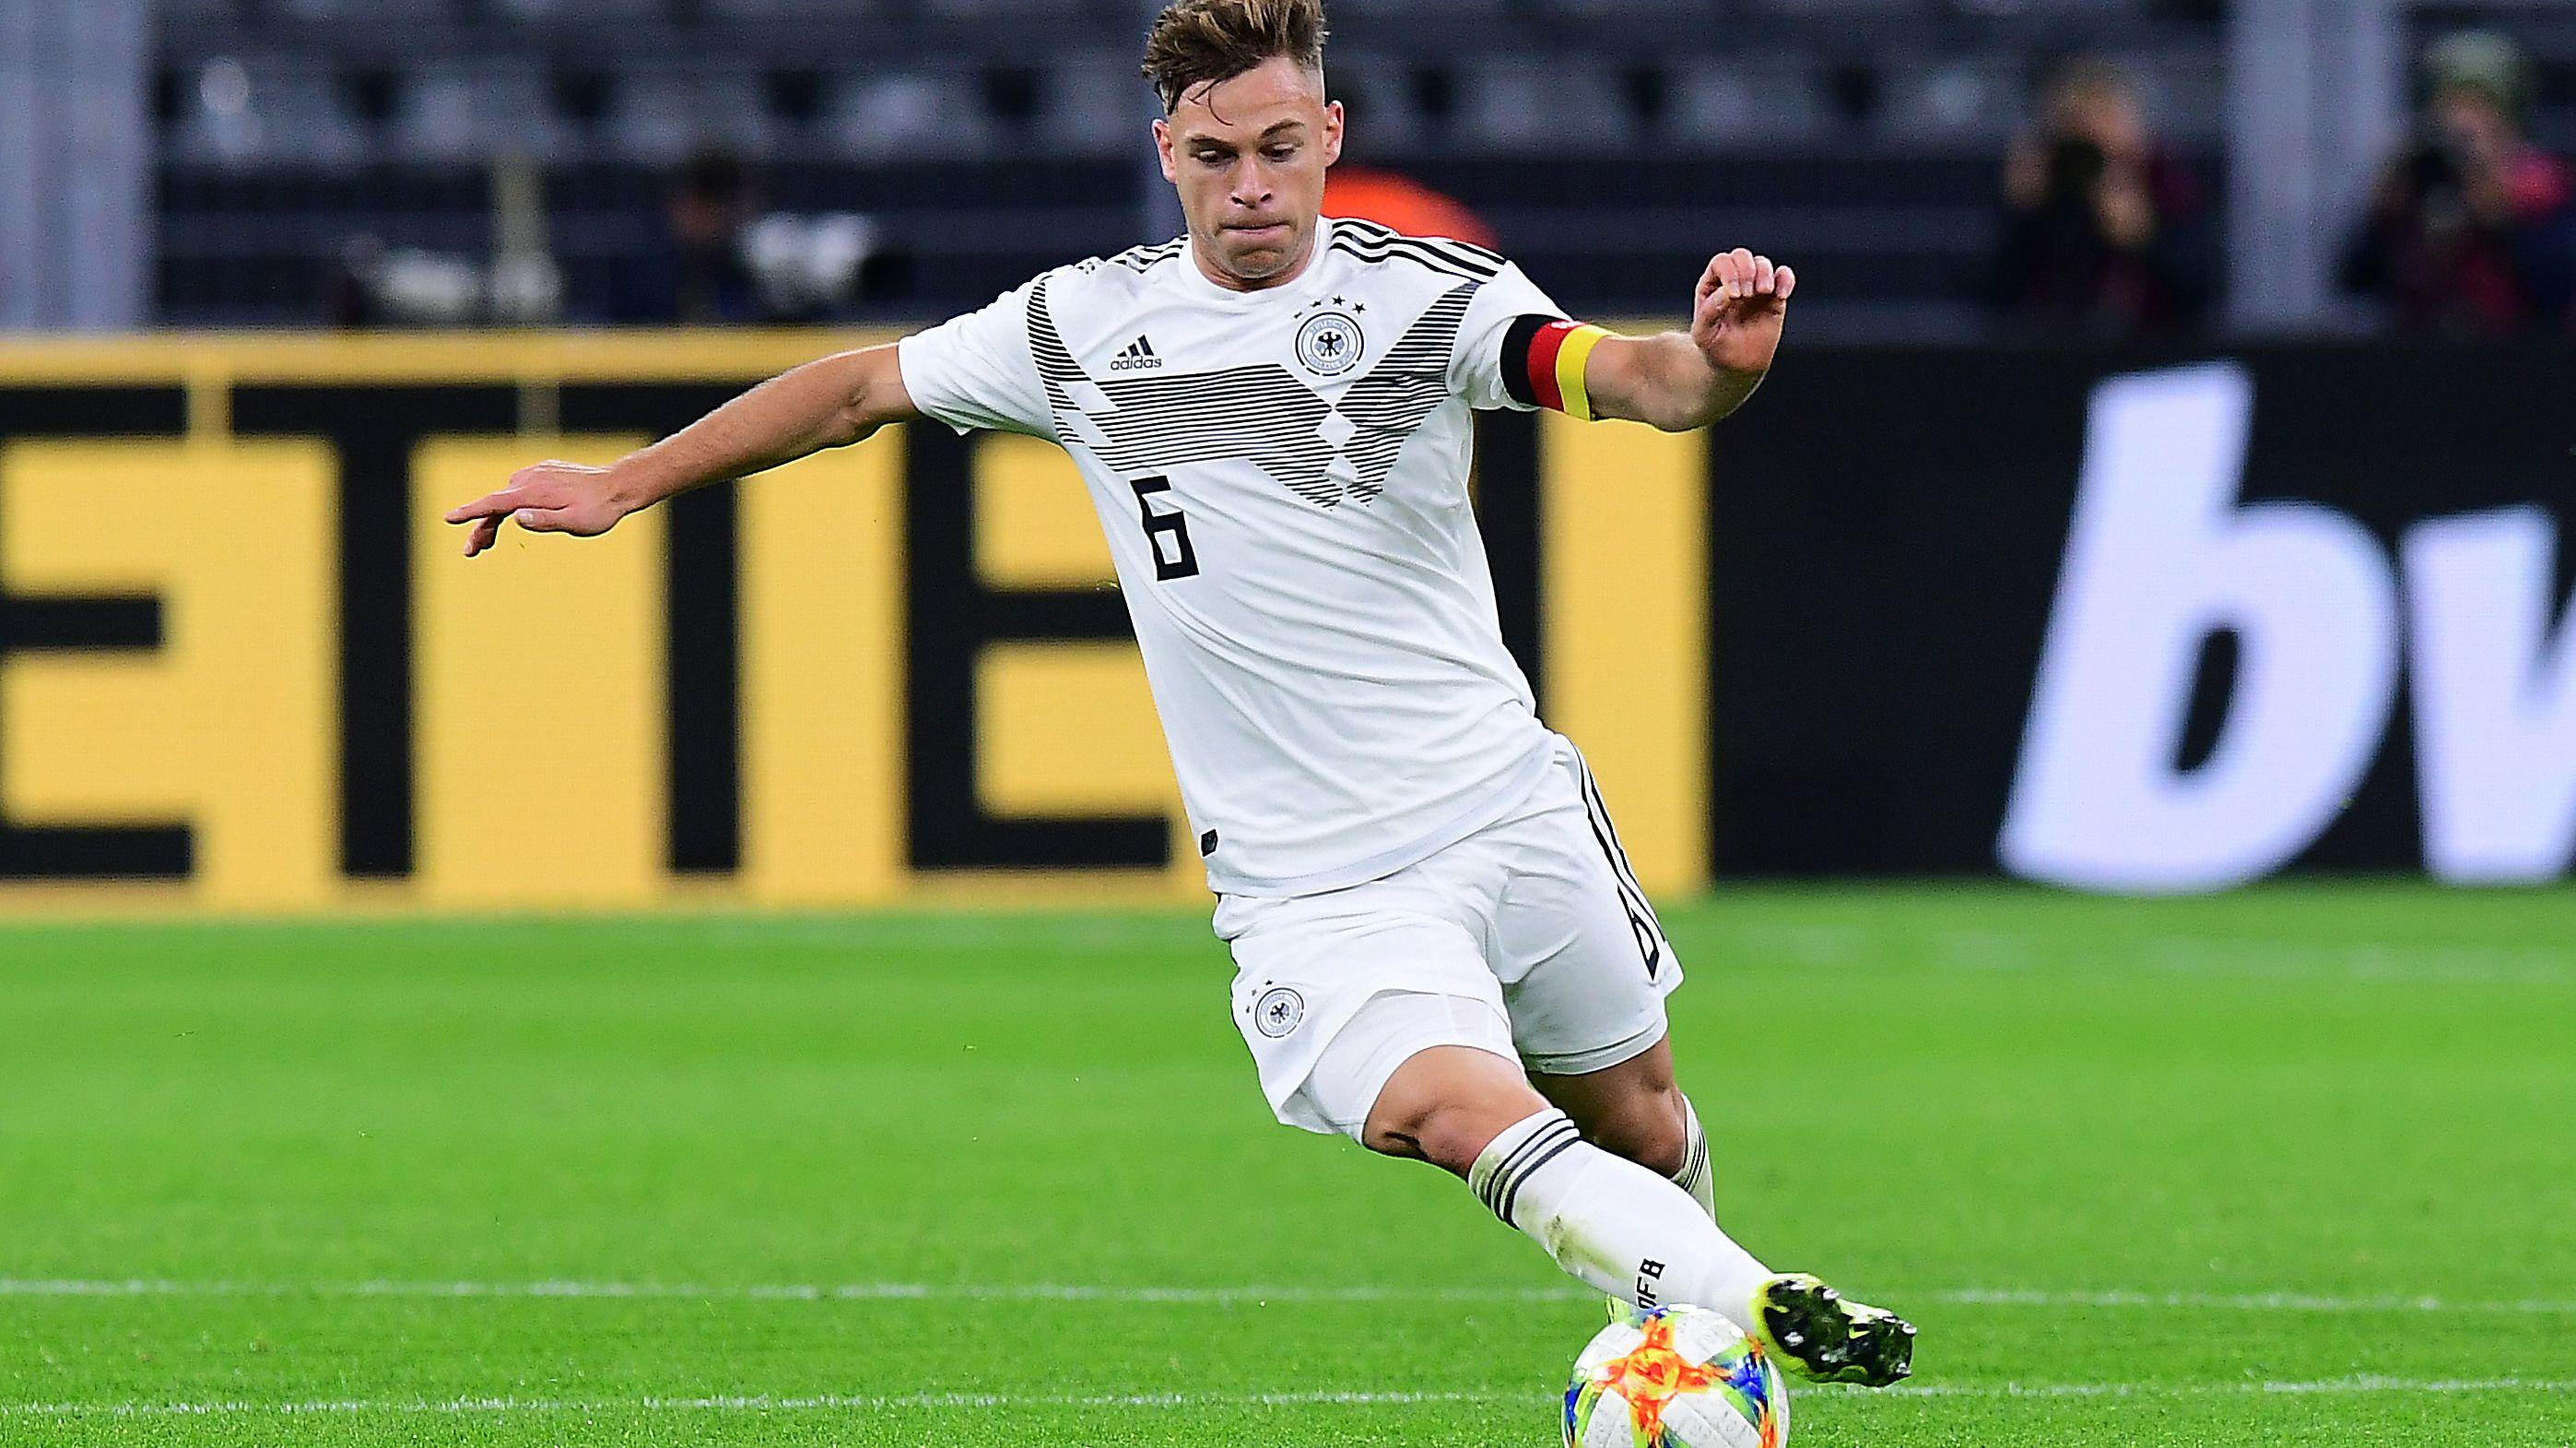 Zum ersten Mal führt Joshua Kimmich die DFB-Elf aufs Feld.